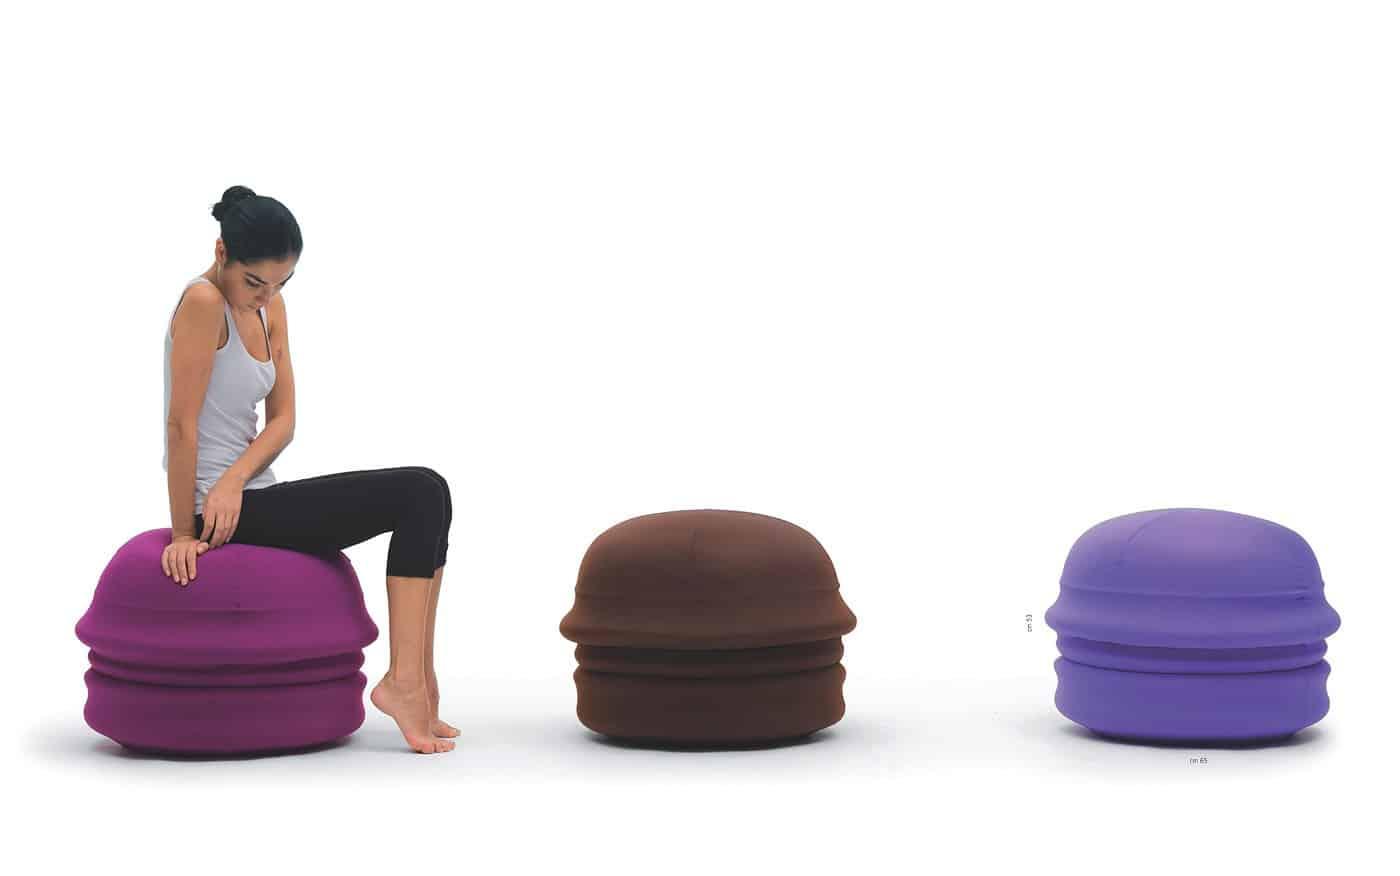 campeggi santapouf hocker g stebett. Black Bedroom Furniture Sets. Home Design Ideas